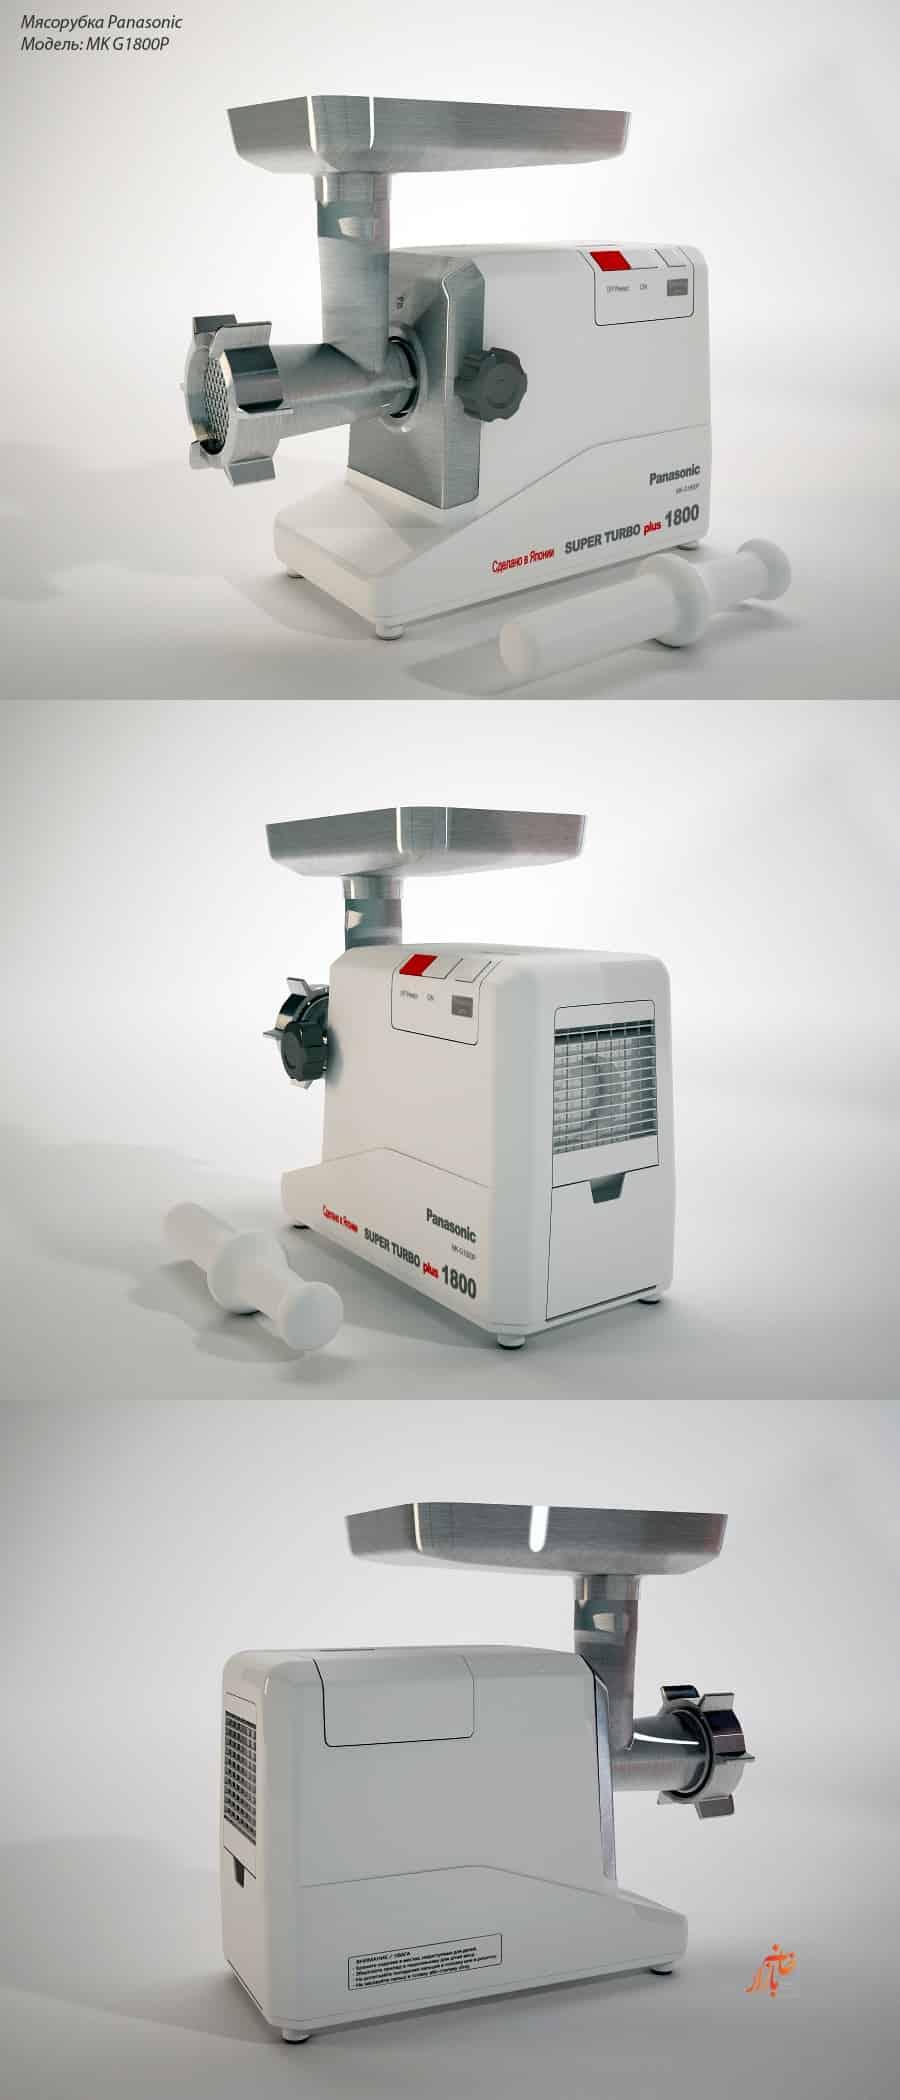 Panasonic MK-G1800P